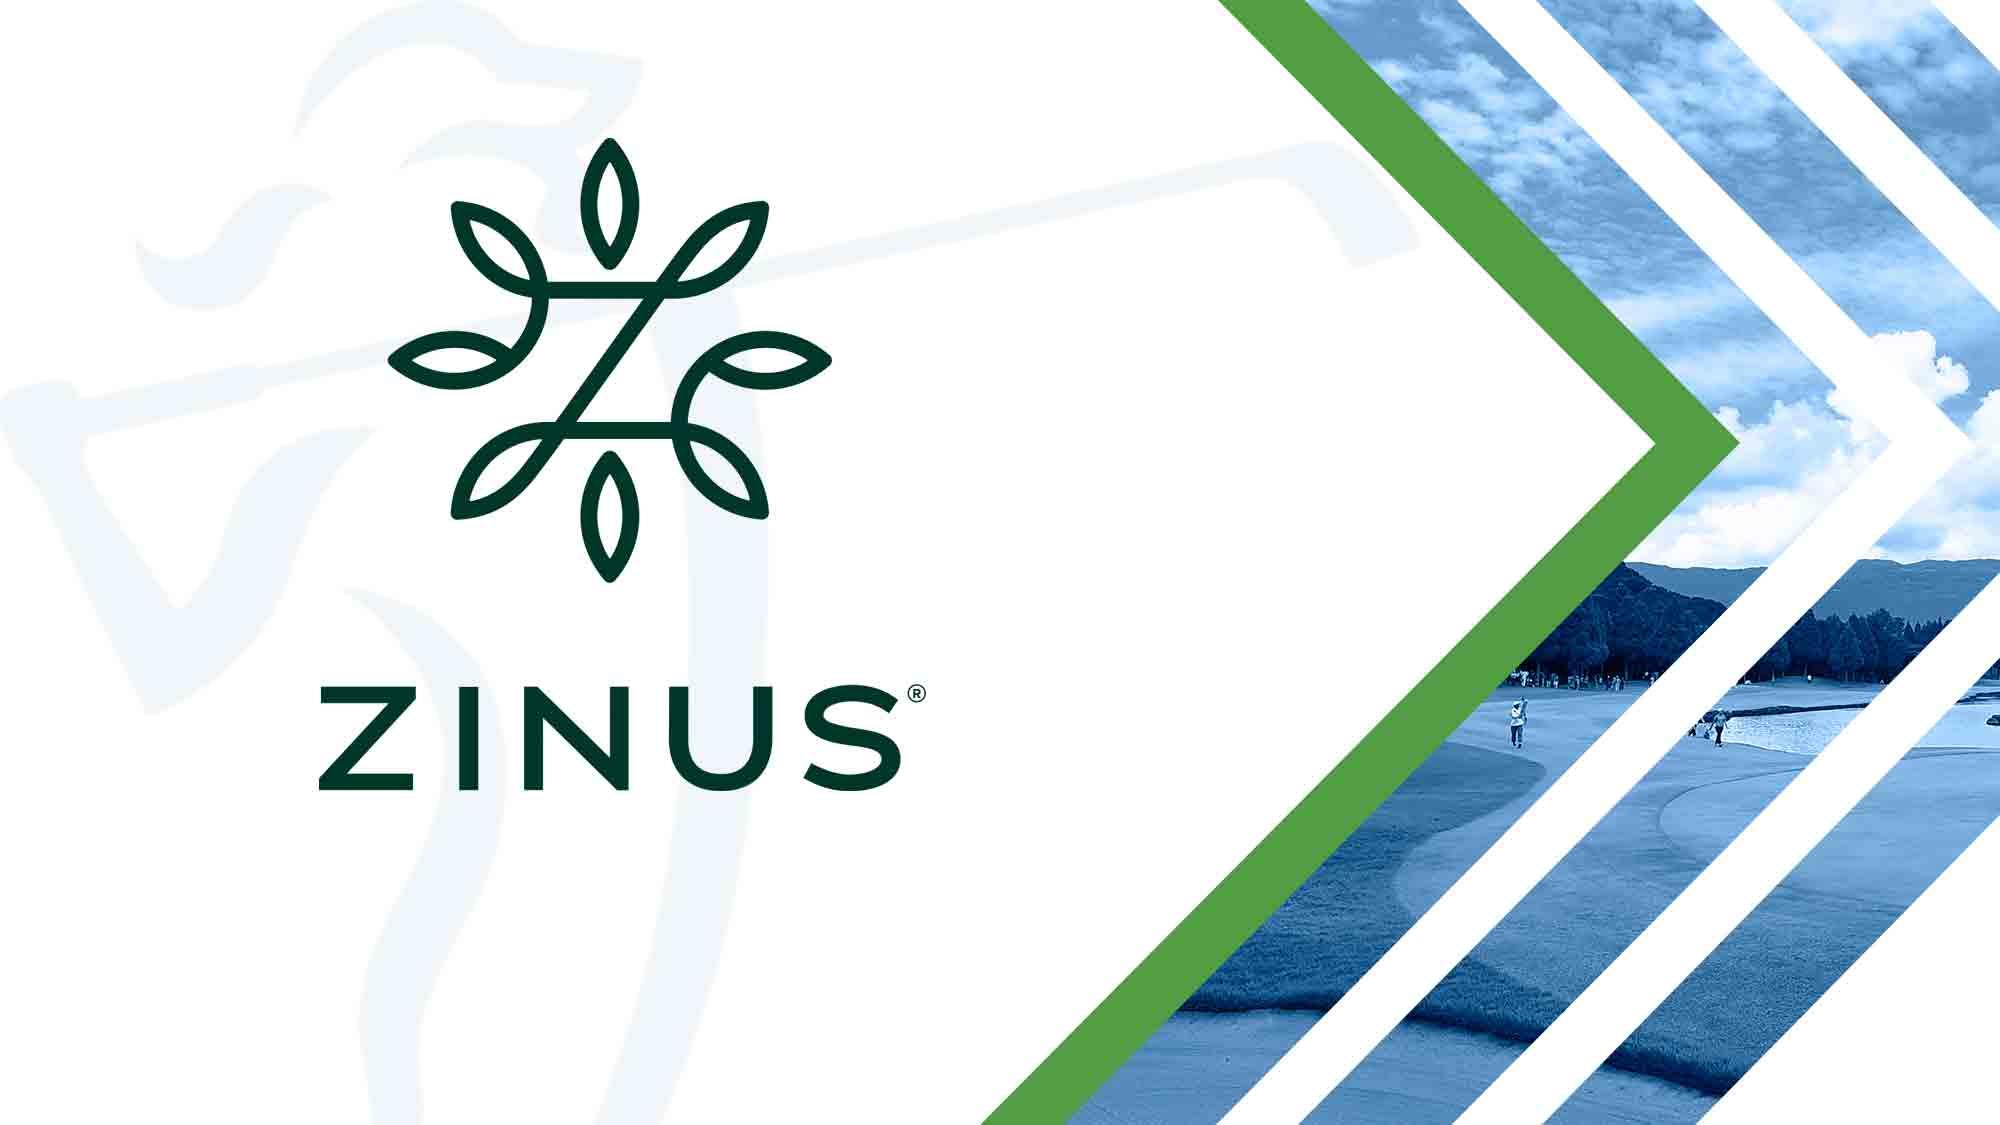 แอลพีจีเอประกาศให้ Zinus เป็นพันธมิตรทางการตลาดล่าสุด Zinus จะเป็น 'ที่นอน' อย่างเป็นทางการของแอลพีจีเอทัวร์